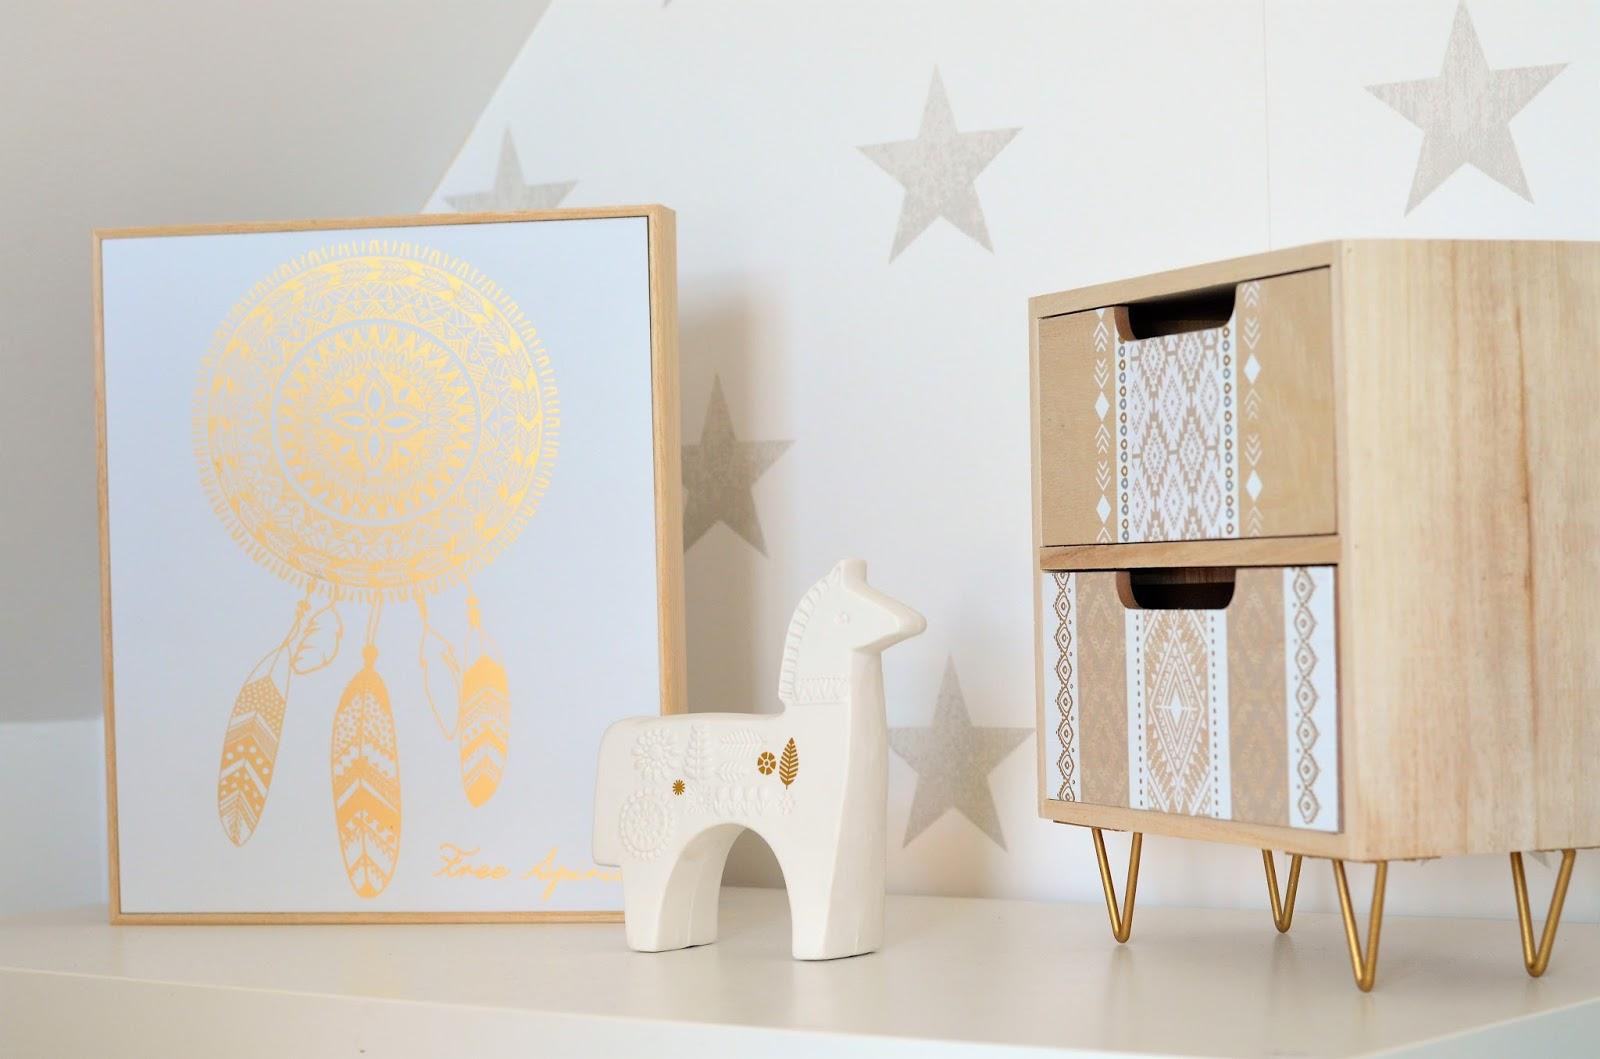 ideen f rs kinderzimmer oder zeltbett und pferde deko hus. Black Bedroom Furniture Sets. Home Design Ideas